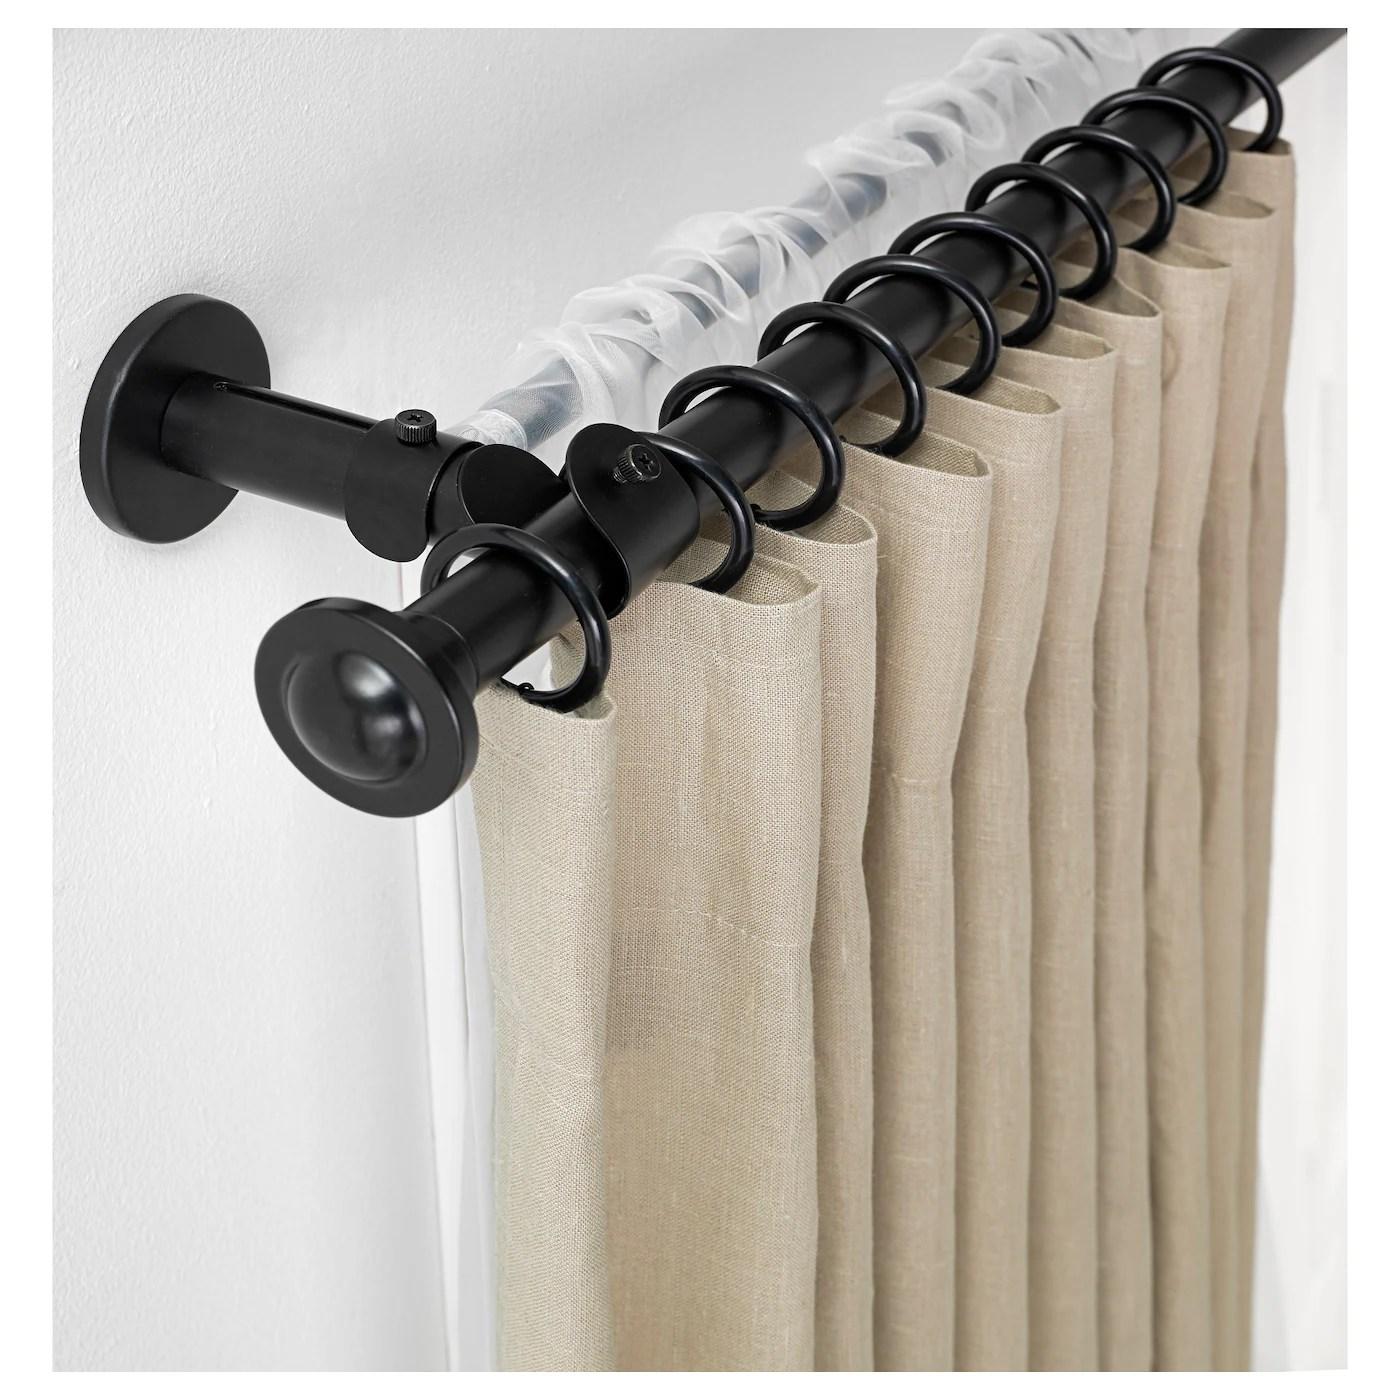 storslagen double curtain rod set black 47 1 4 82 5 8 120 210 cm